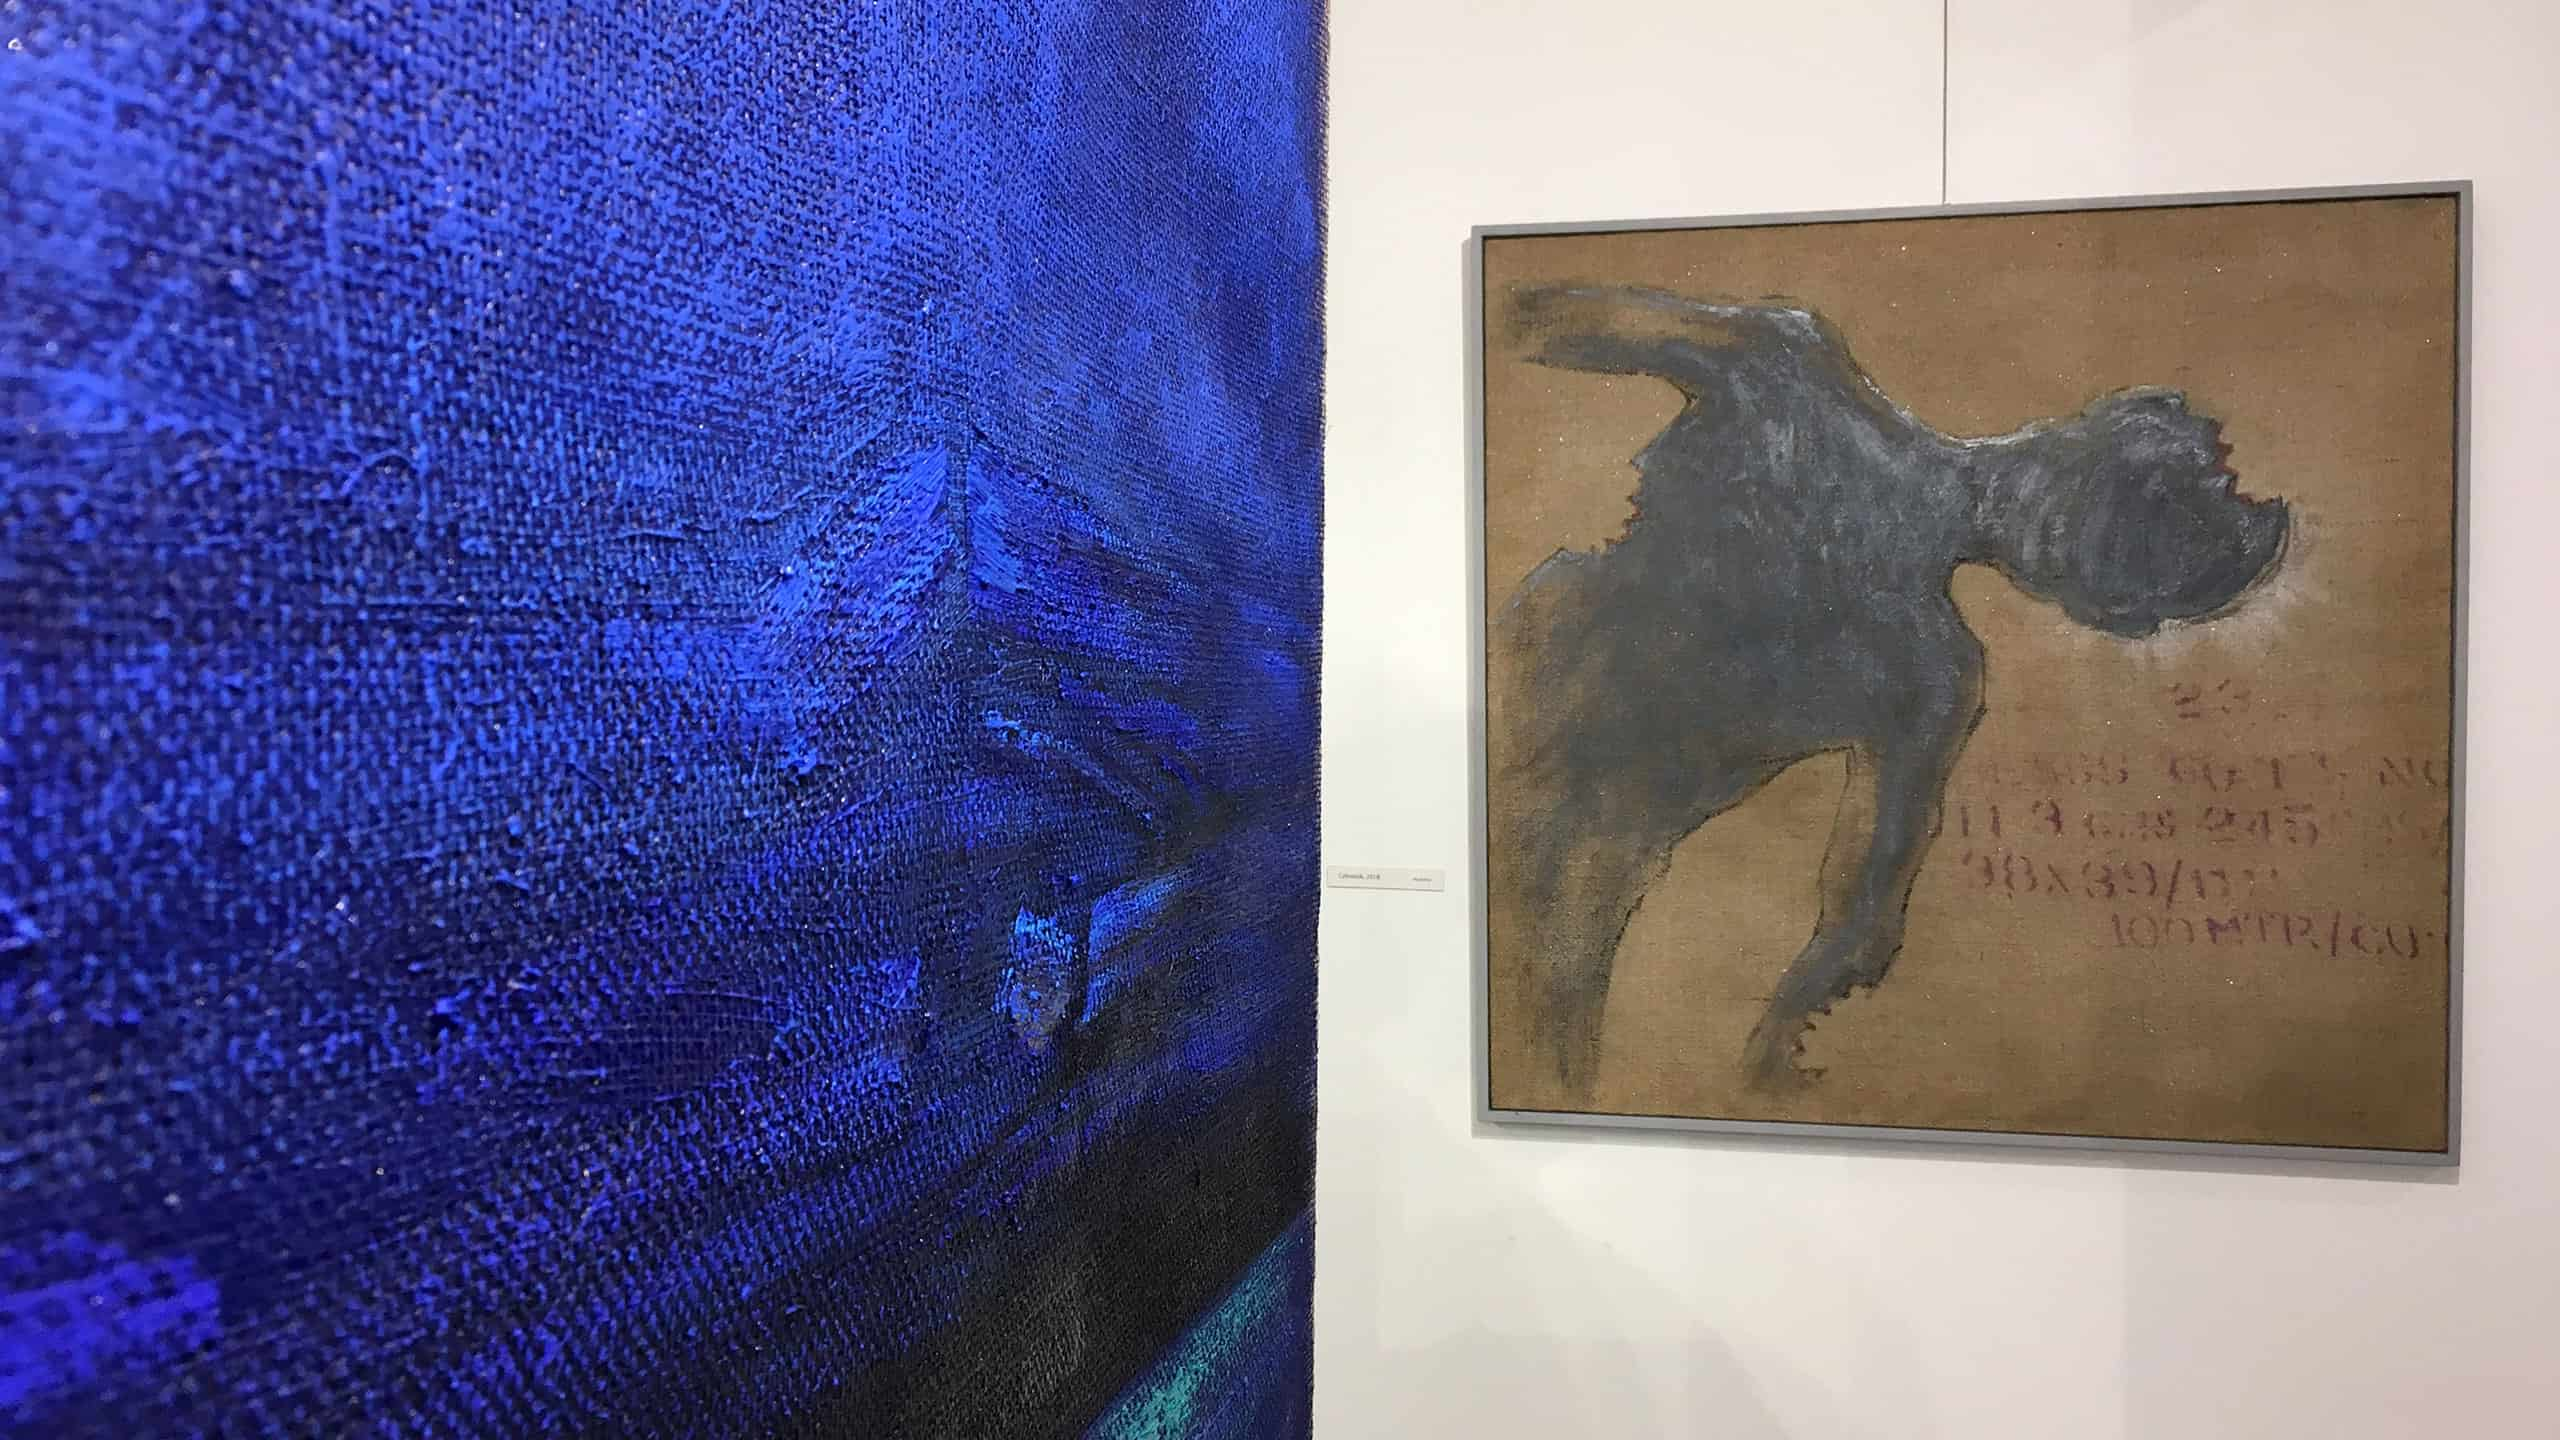 Wystawa malarstwa Zbigniewa Gręziaka, fot. Paweł Wroński